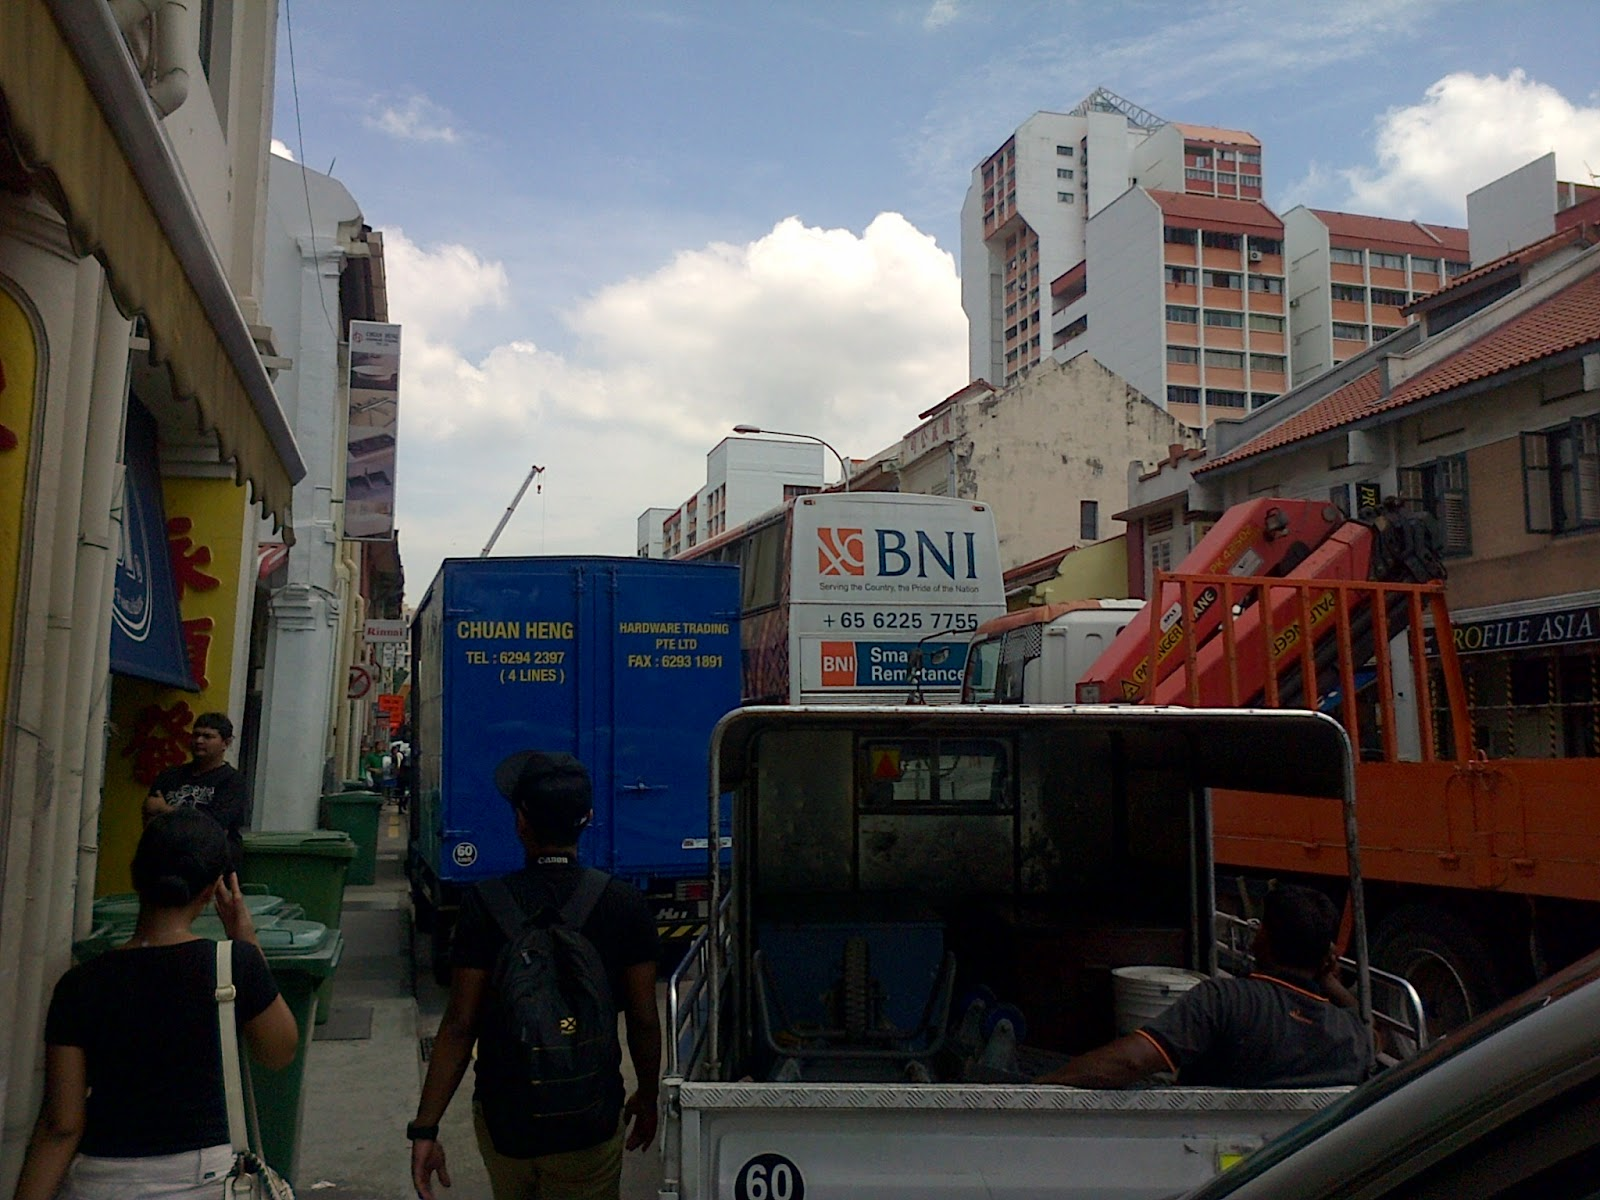 bangga deh pas liat bank bni ada promosinya di bus sbs transit